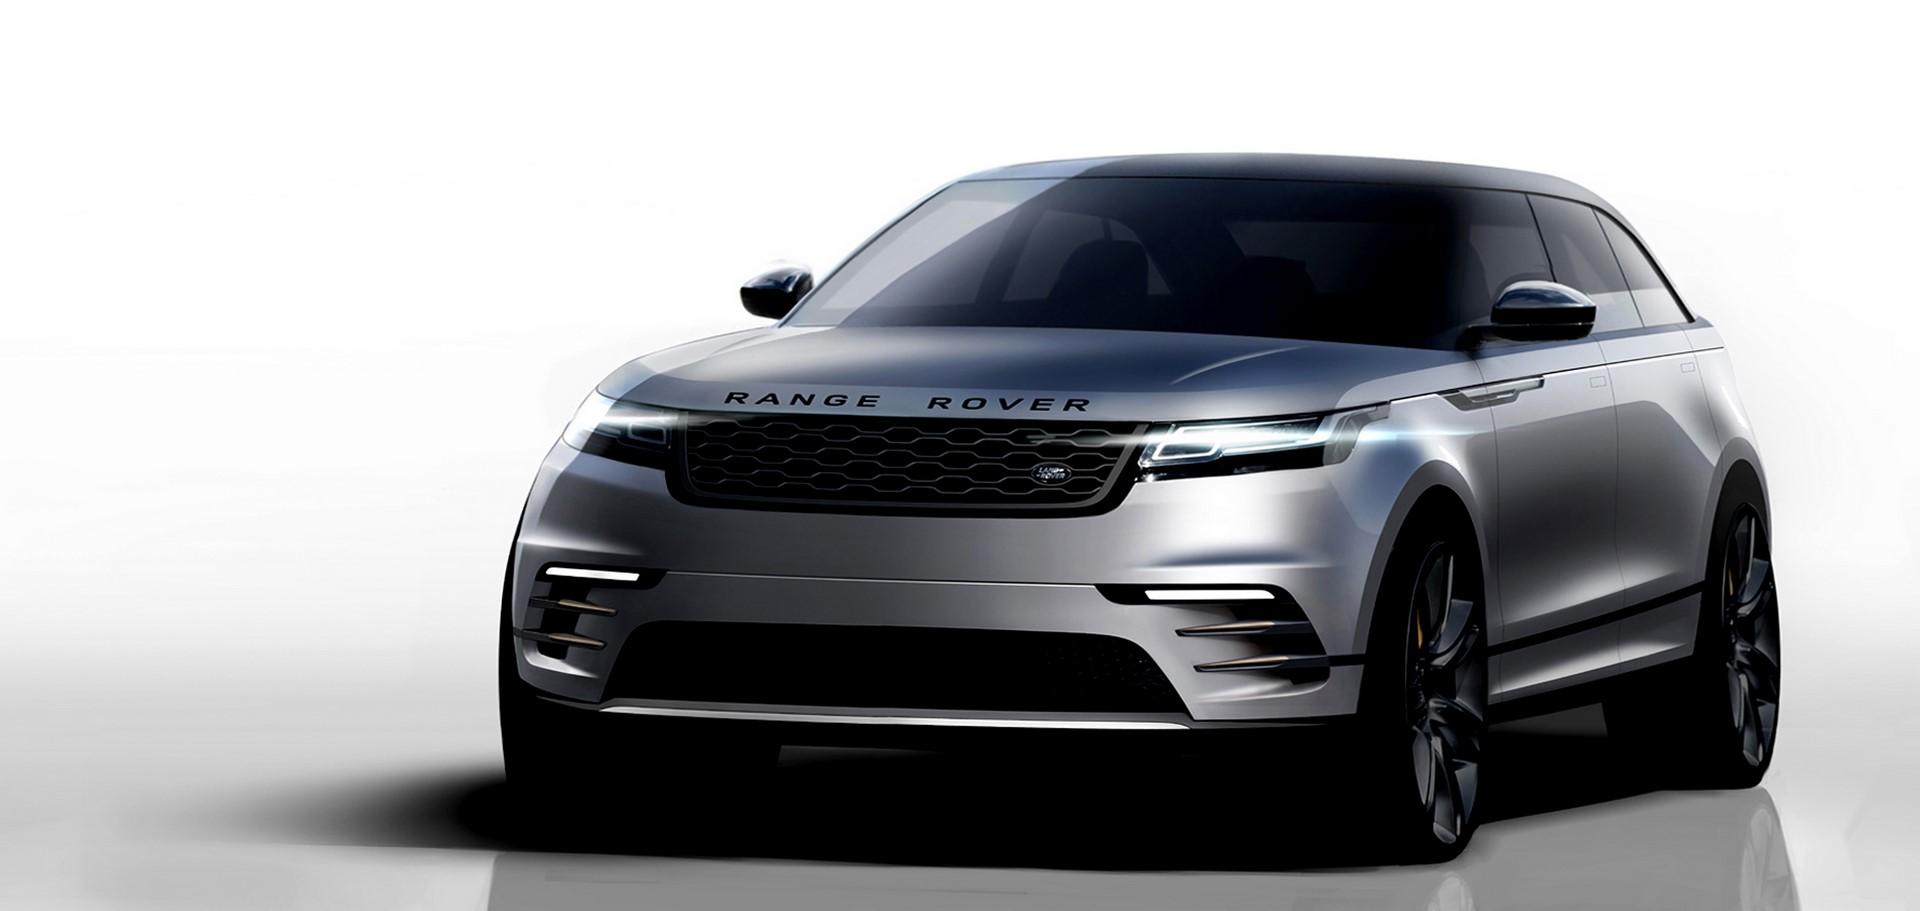 Range Rover Velar 2017 (92)